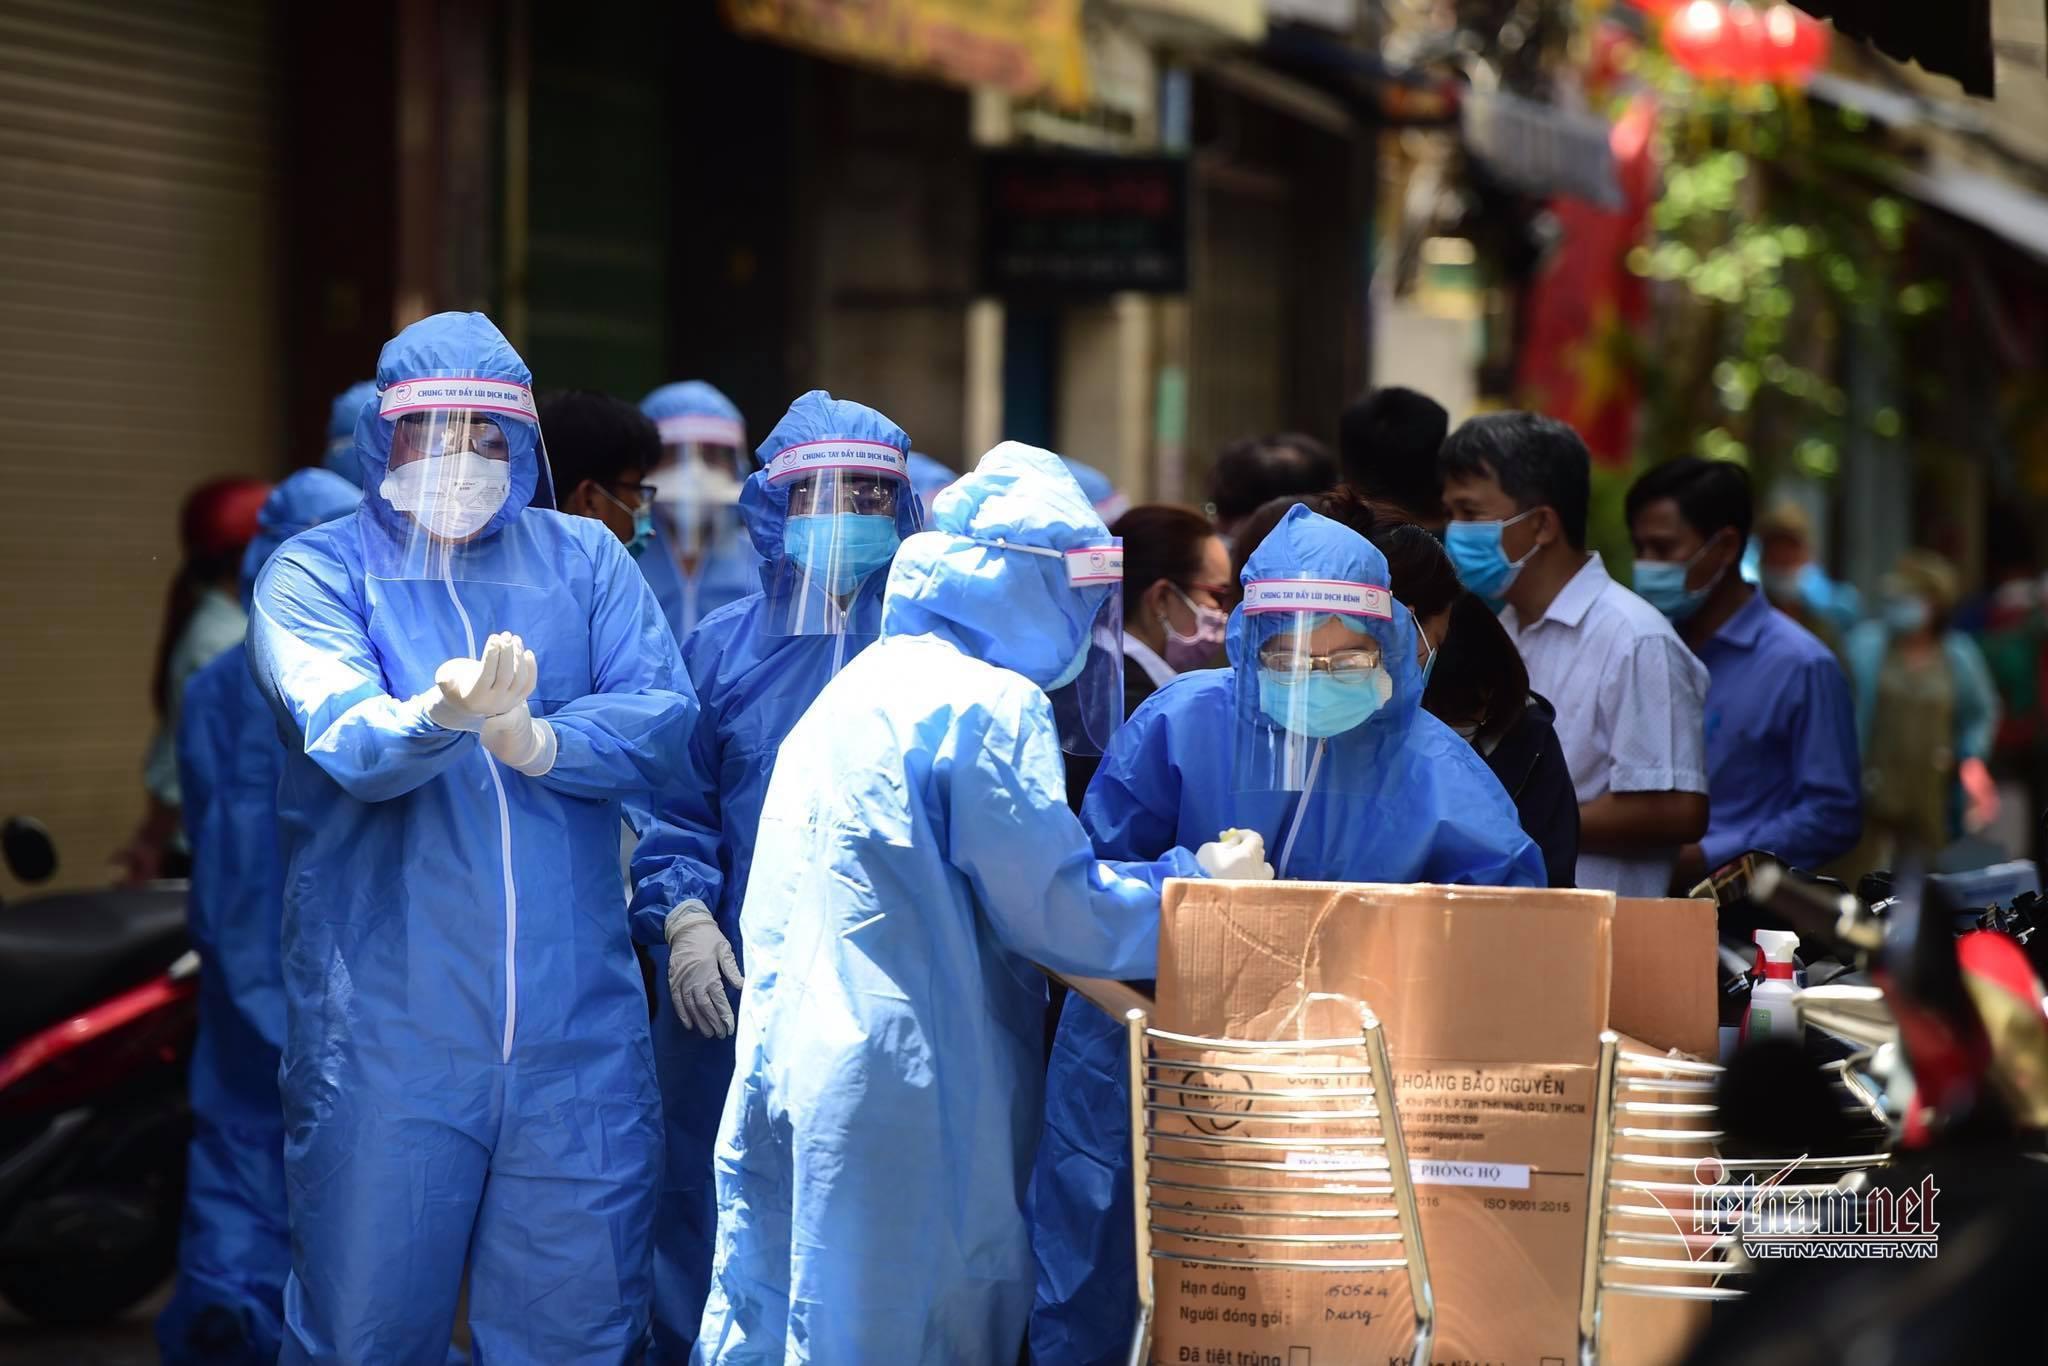 TP.HCM phong tỏa hẻm ở quận 3 liên quan ca nghi nhiễm Covid-19